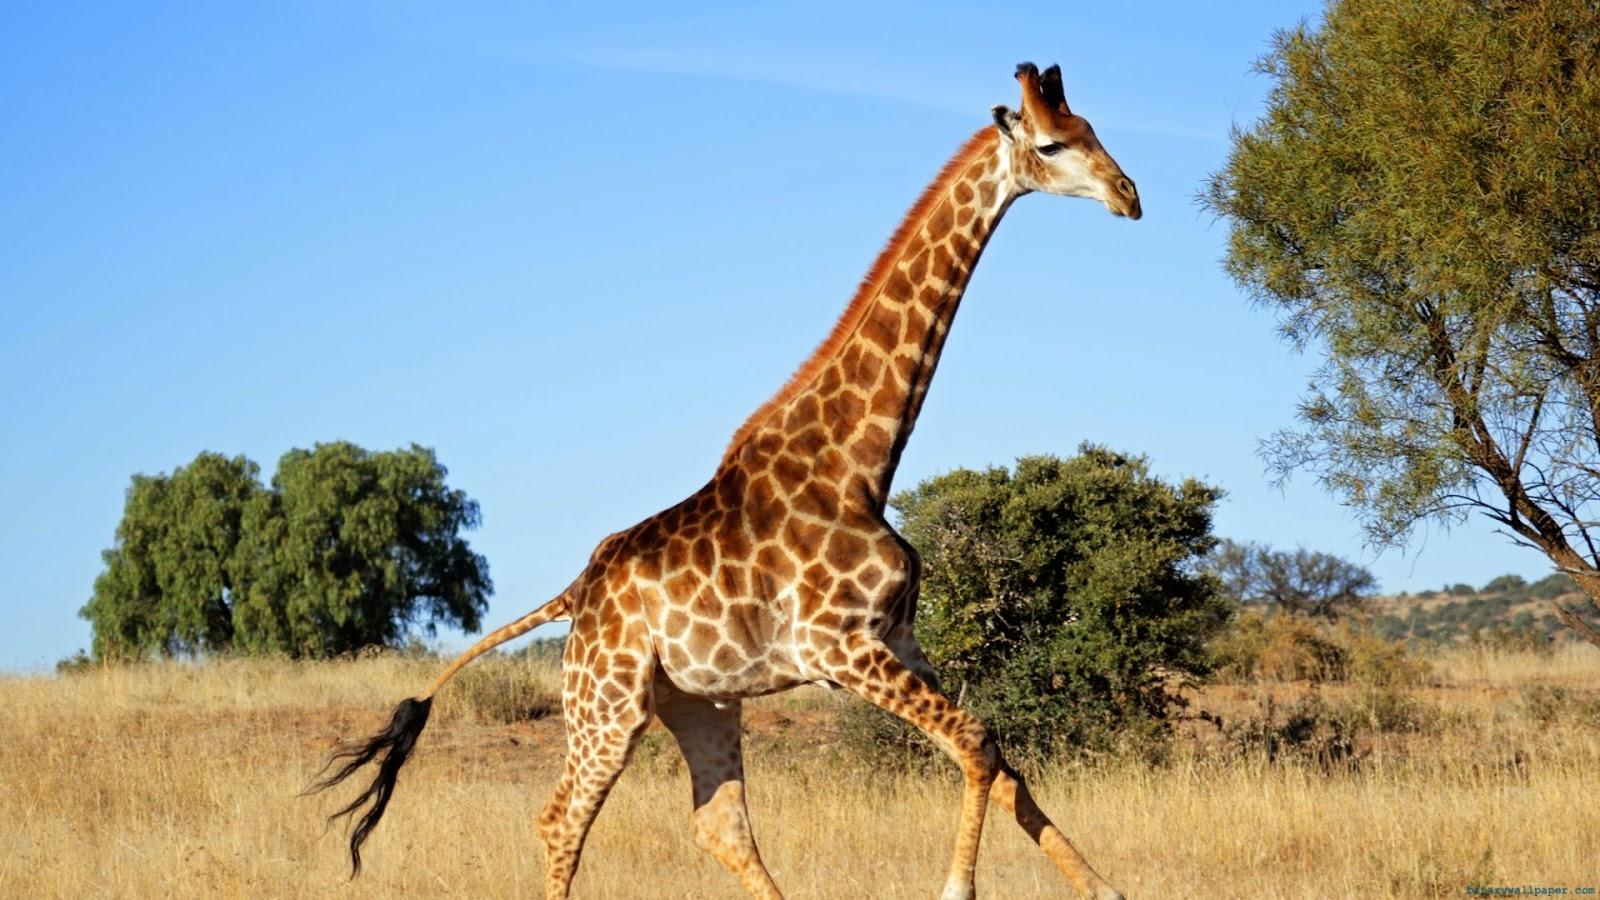 gratis bilder giraff